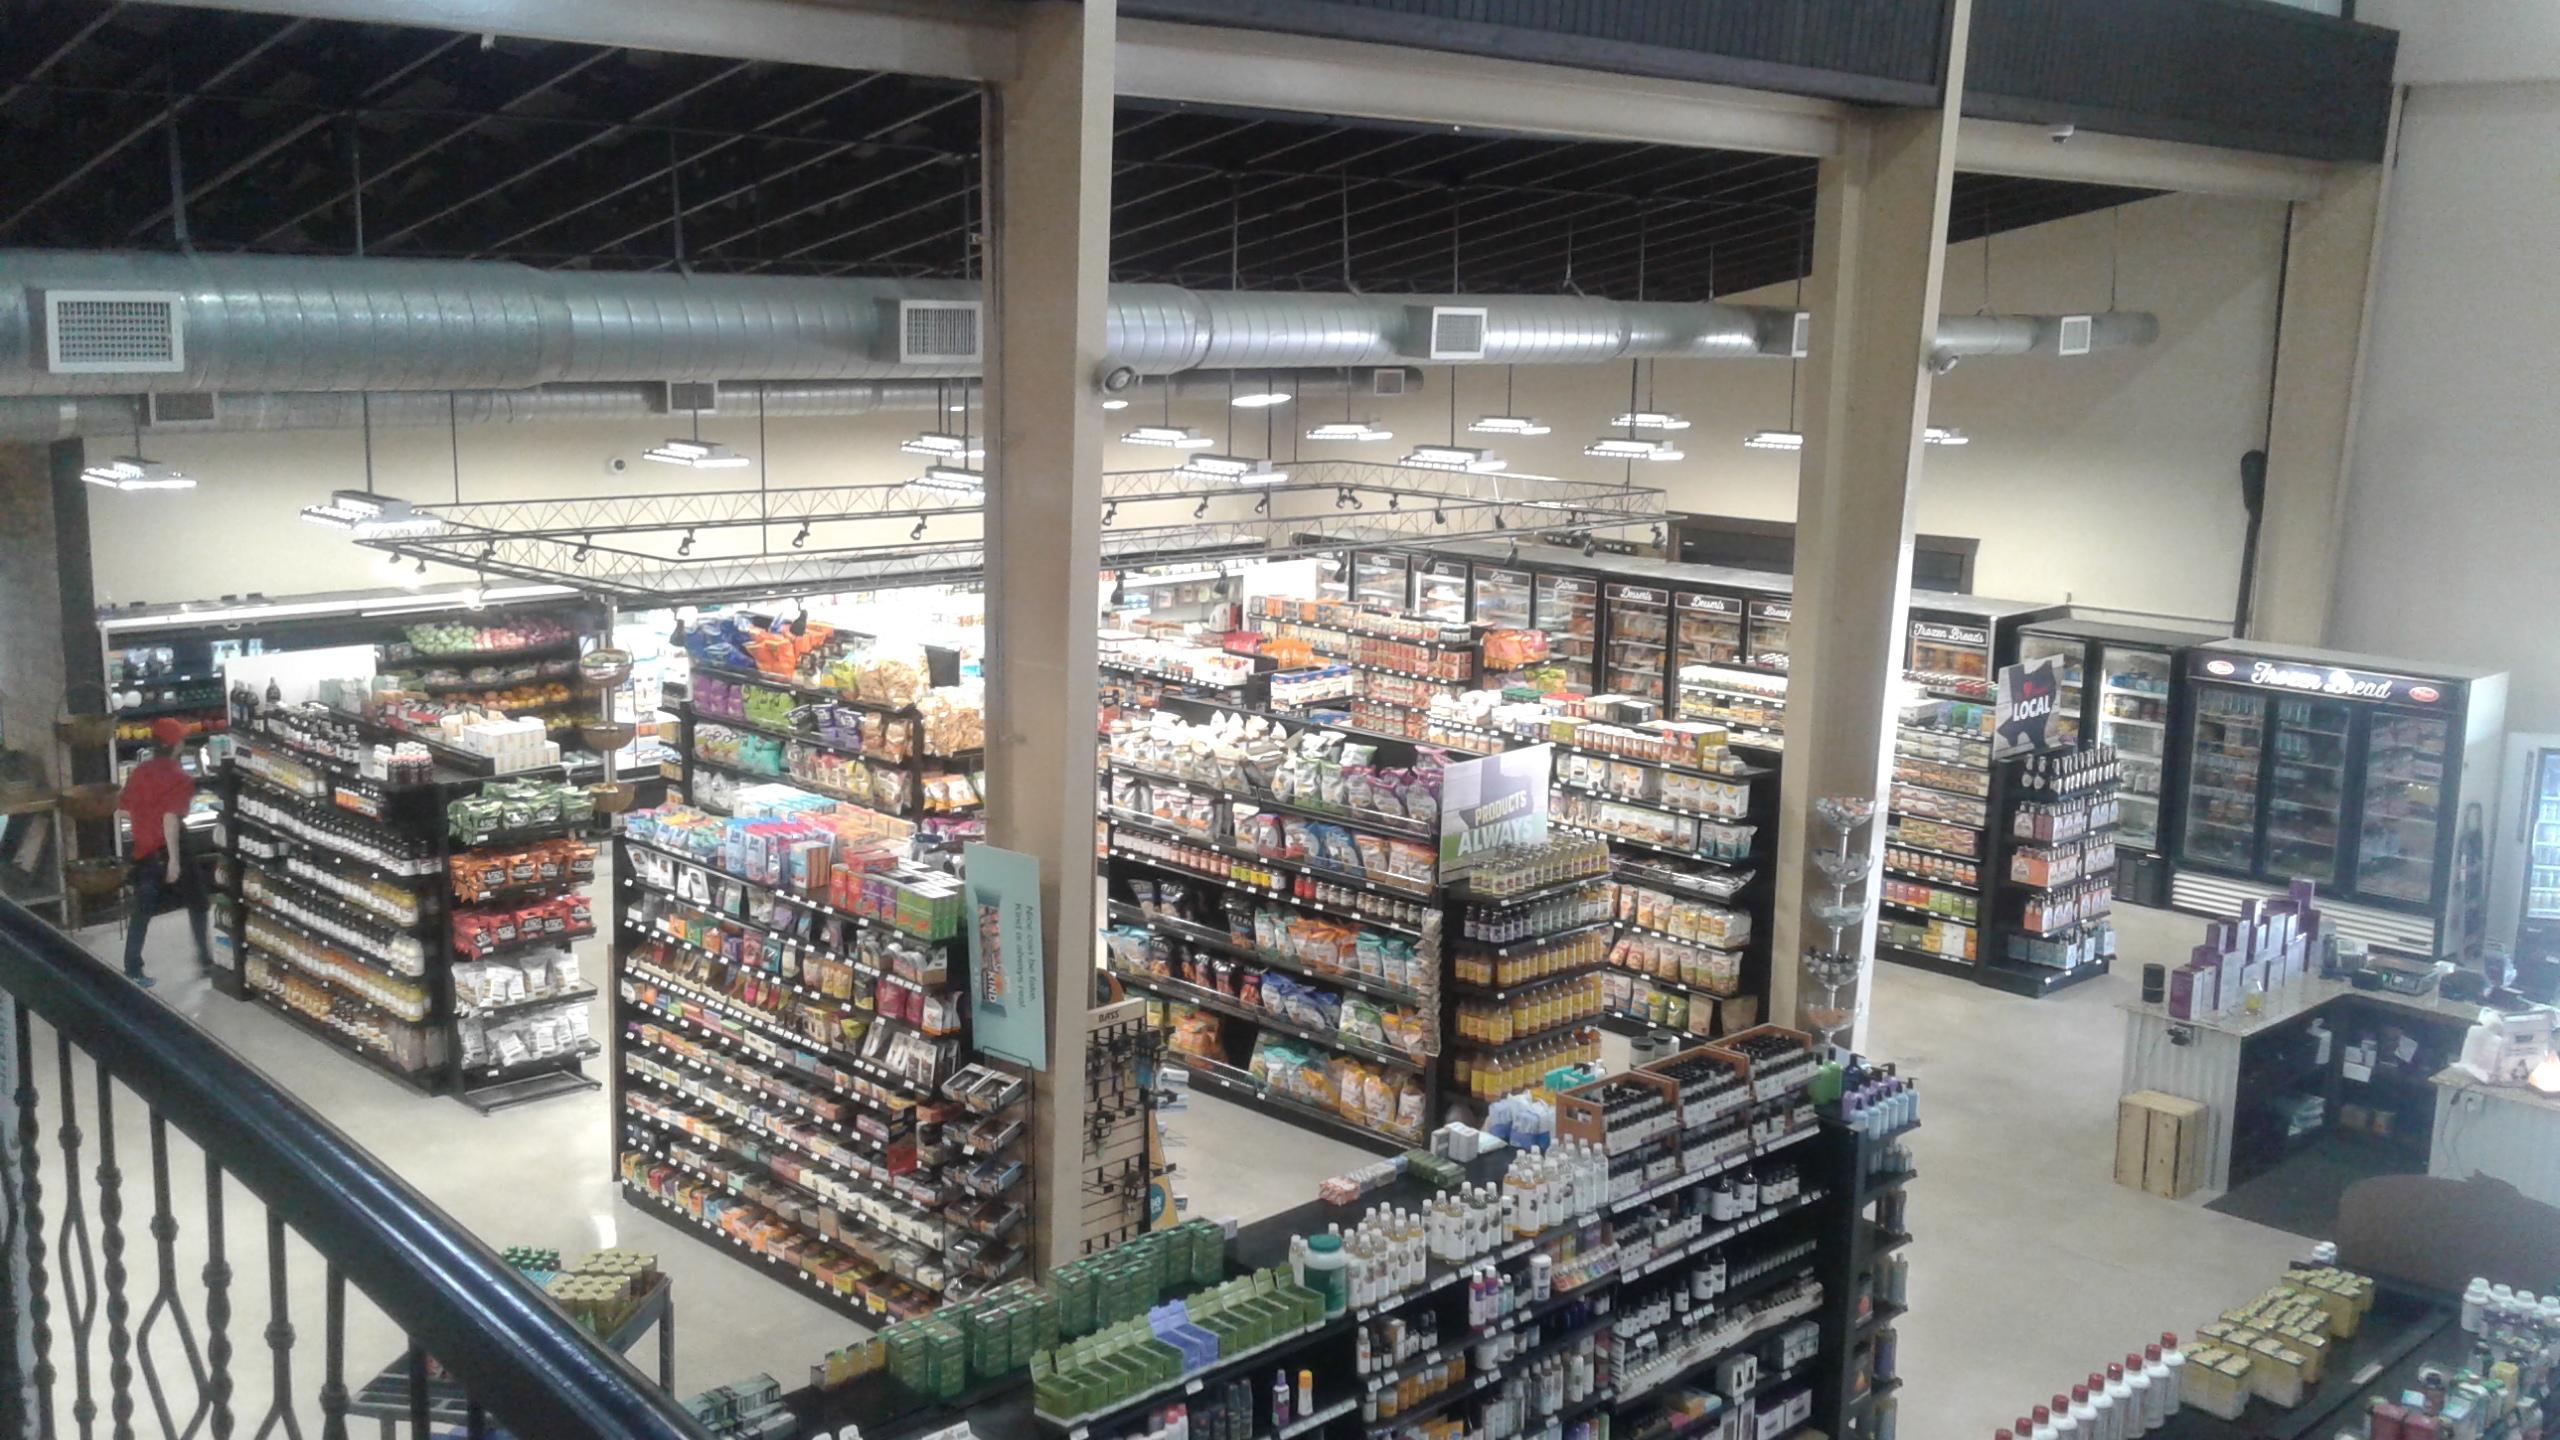 Ann S Health Food Center Waxahachie Tx